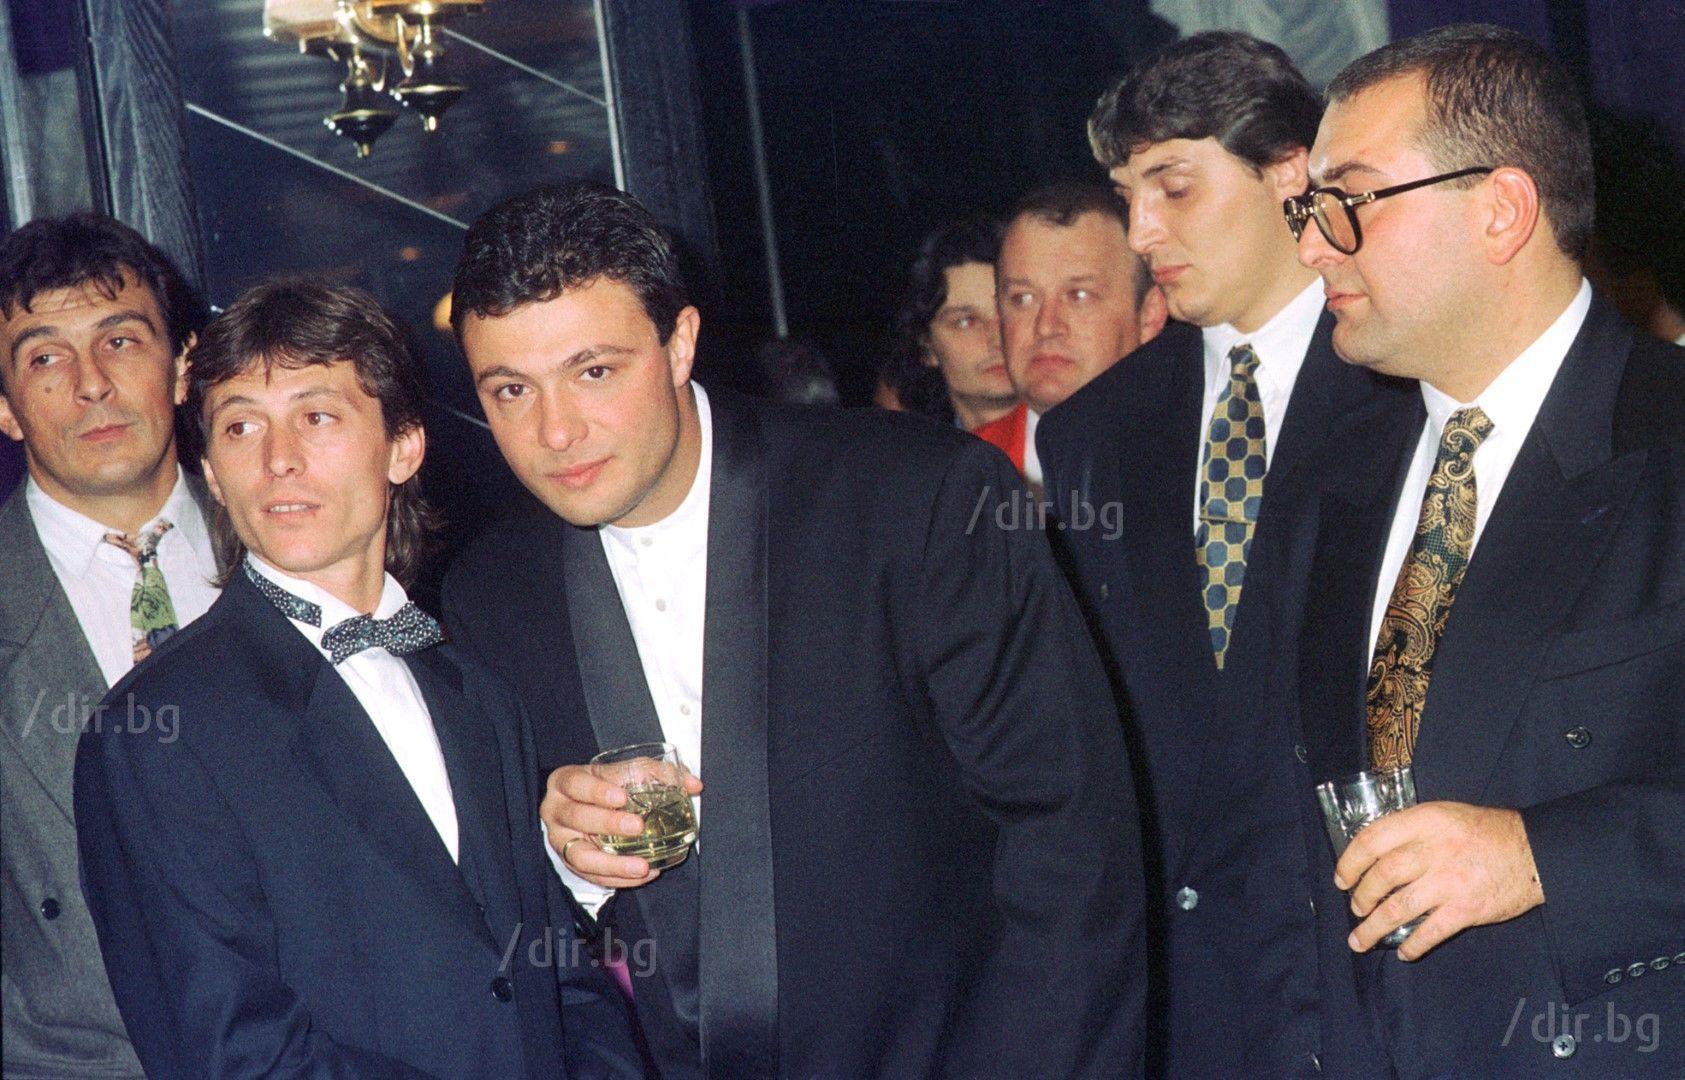 Георги Илиев и Николай Цветин (вляво от него) на купона по случай първия рожден ден на ВИС. Крайният вдясно е Филип Найденов-Фатик, който беше един от балансьорите на групировките.